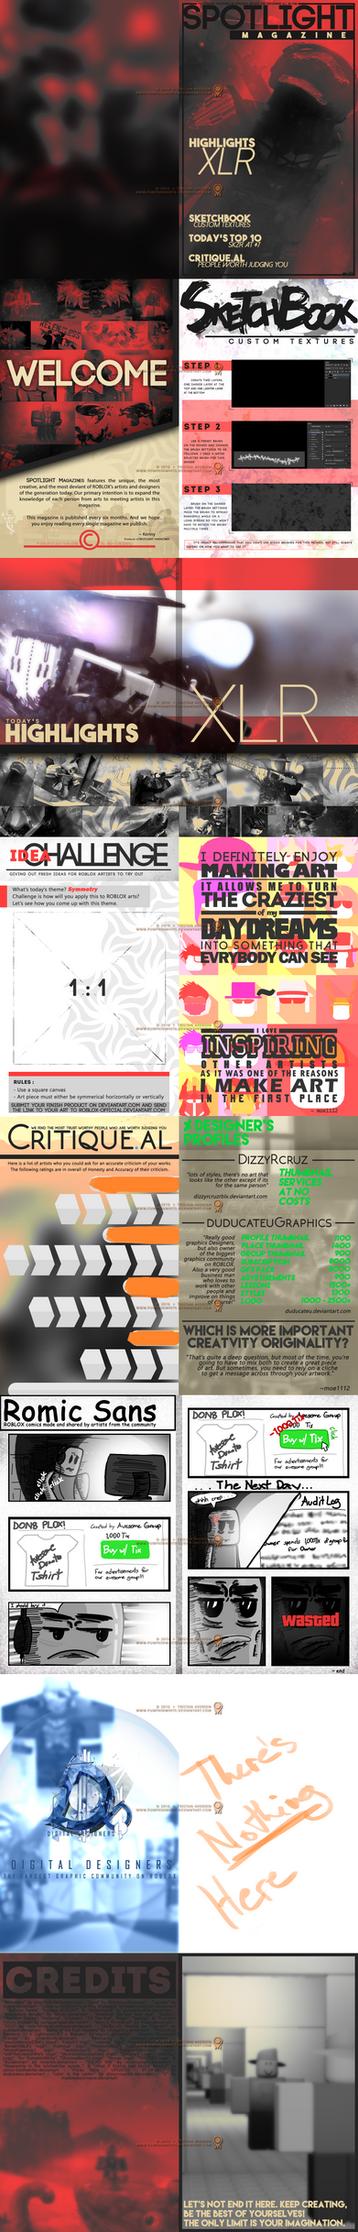 [UNPUBLISHED-UNFINISHED] SPOTLIGHT Magazines by PumpkinWhite